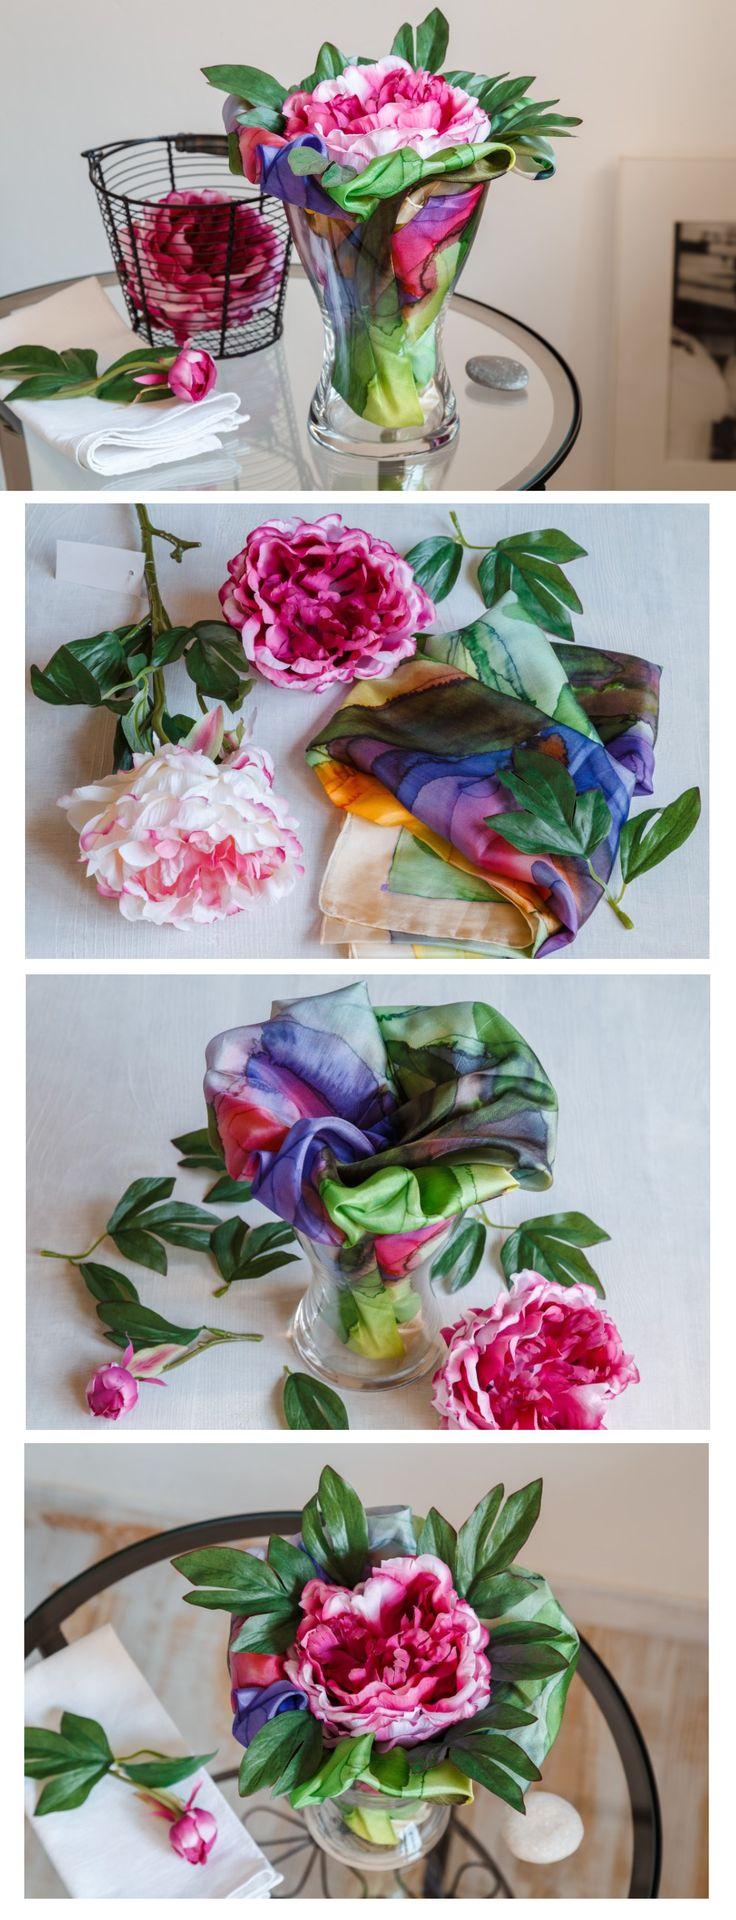 Vyzkoušejte aranžmá z umělých pivoněk (seženete je na našem e-shopu) a hedvábných šátků. Většina květin je zhotovená tak, aby šly jednotlivé části rostliny rozebrat a spojit zase dohromady. Textilní květina si přímo říkala o spojení s dalším textilem.